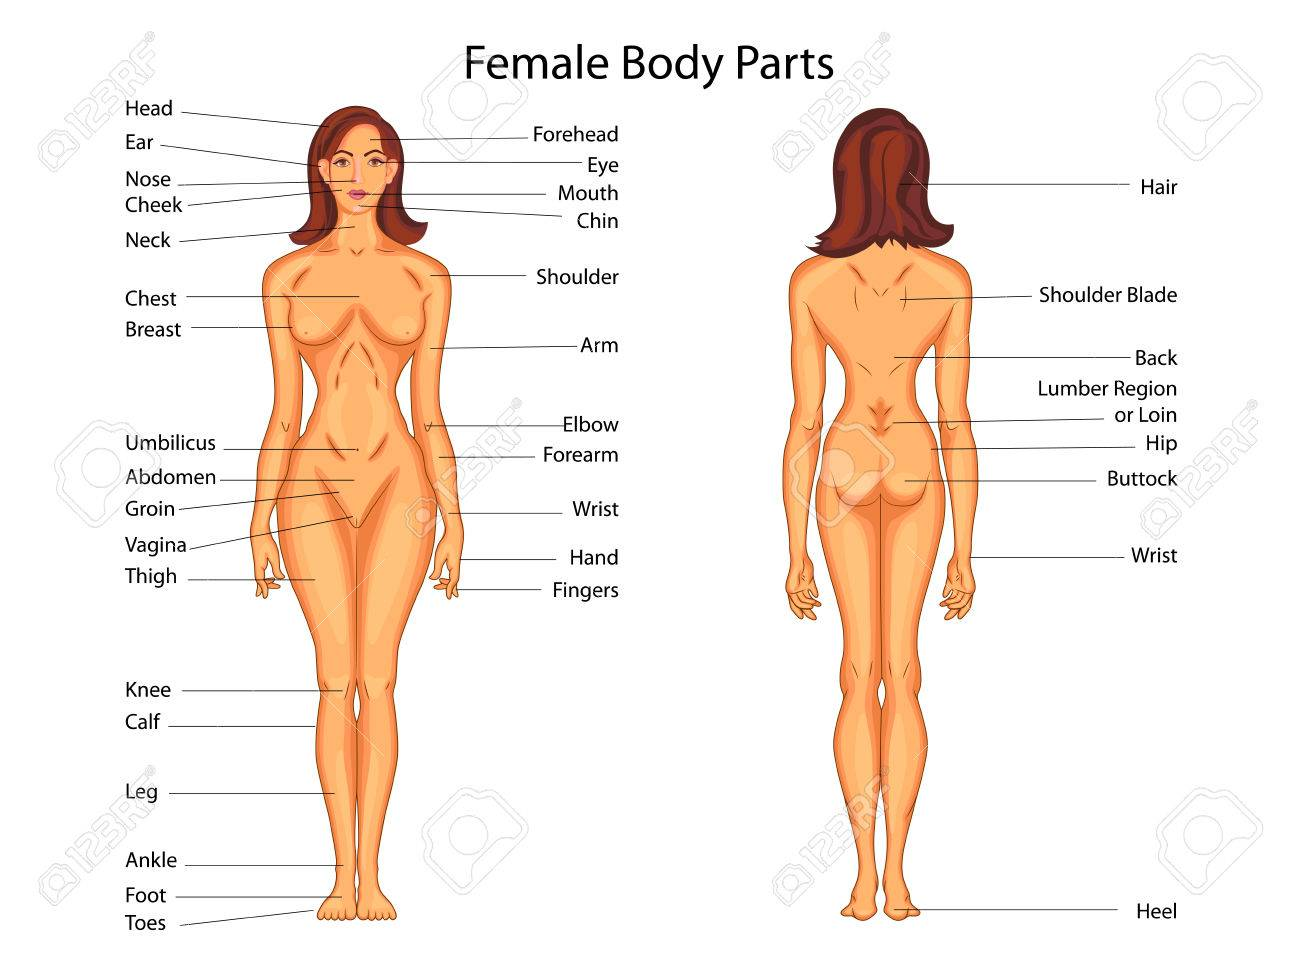 Diagrama De La Educación Médica De La Biología Para Las Partes Del ...